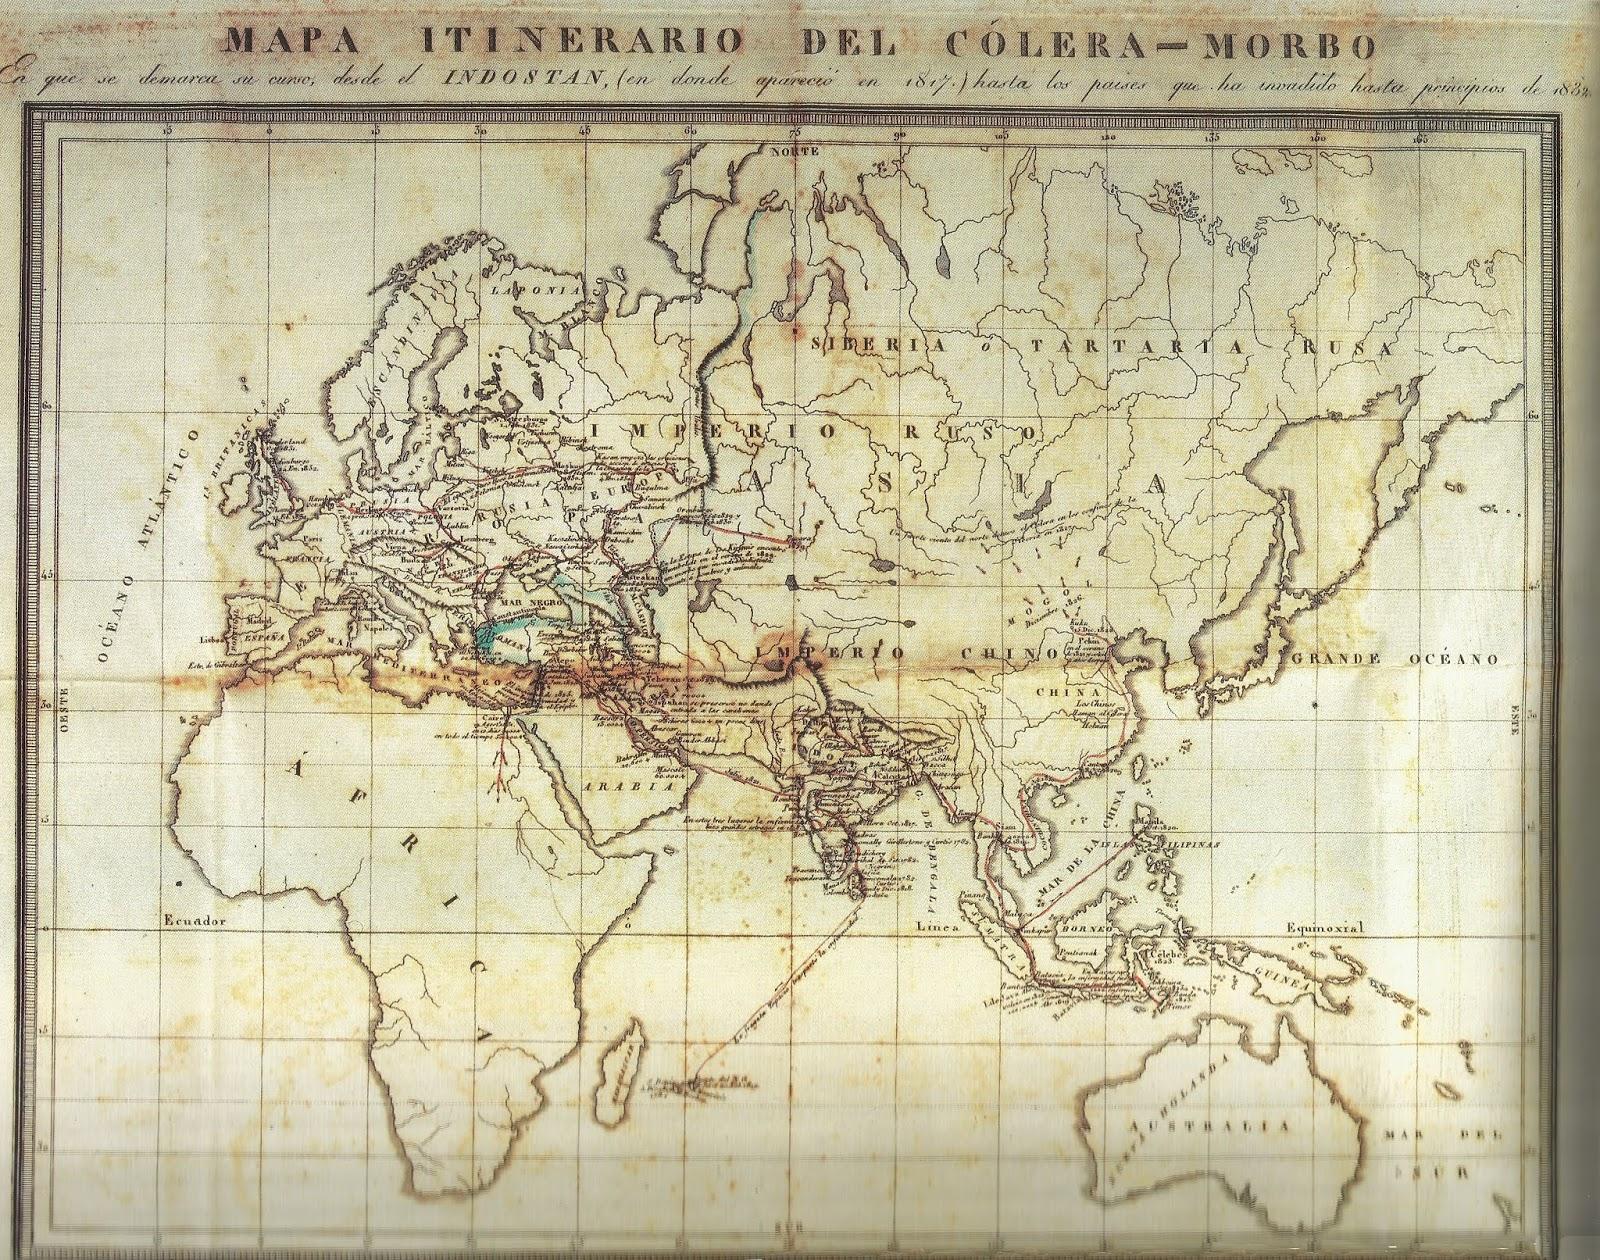 Mapa mundial de la invasió colèrica des del 1817 fins al 1832